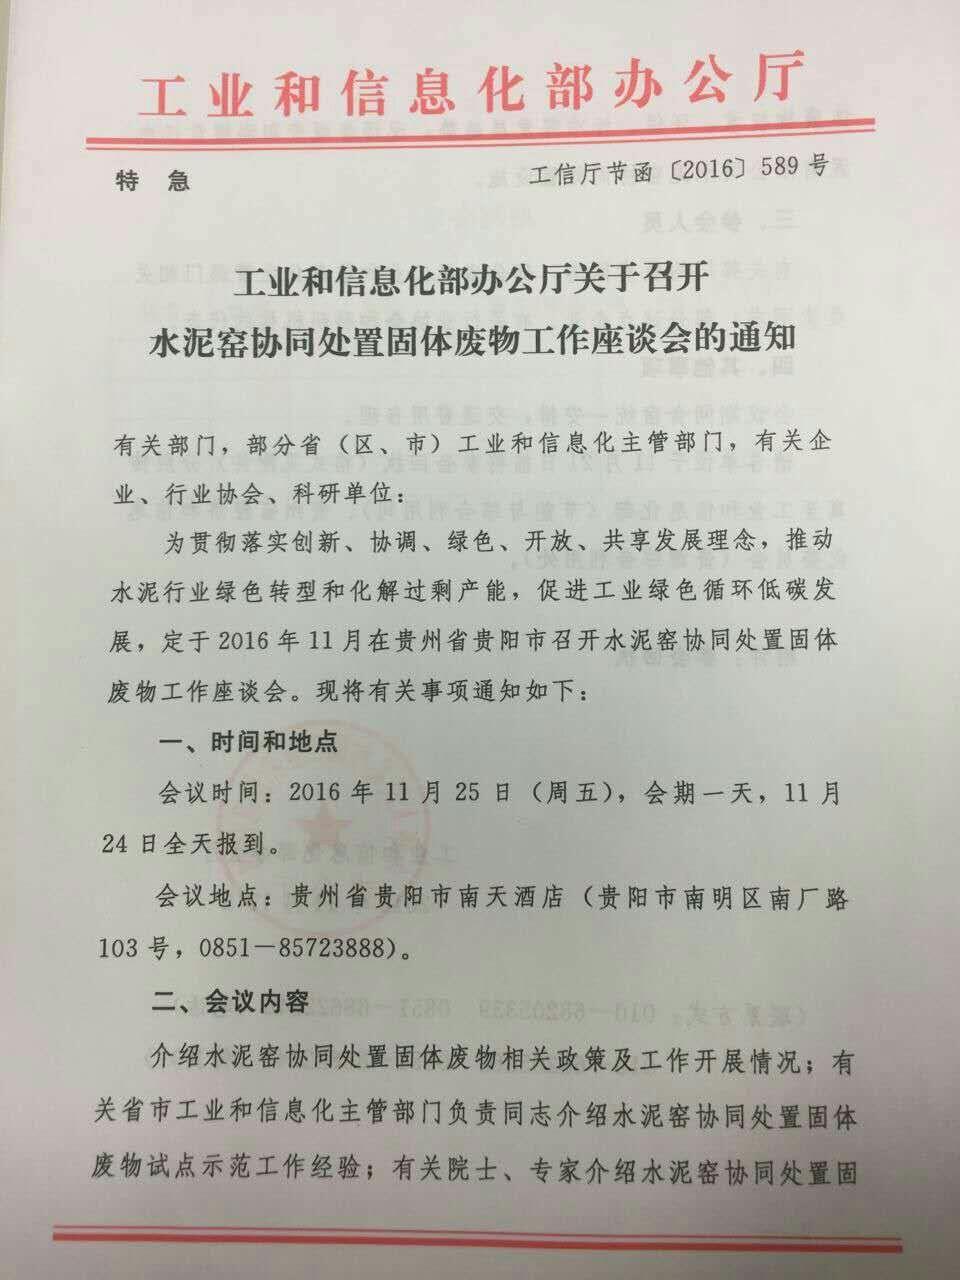 大红鹰娱乐窑协同处置工业废物工作座谈会的通知